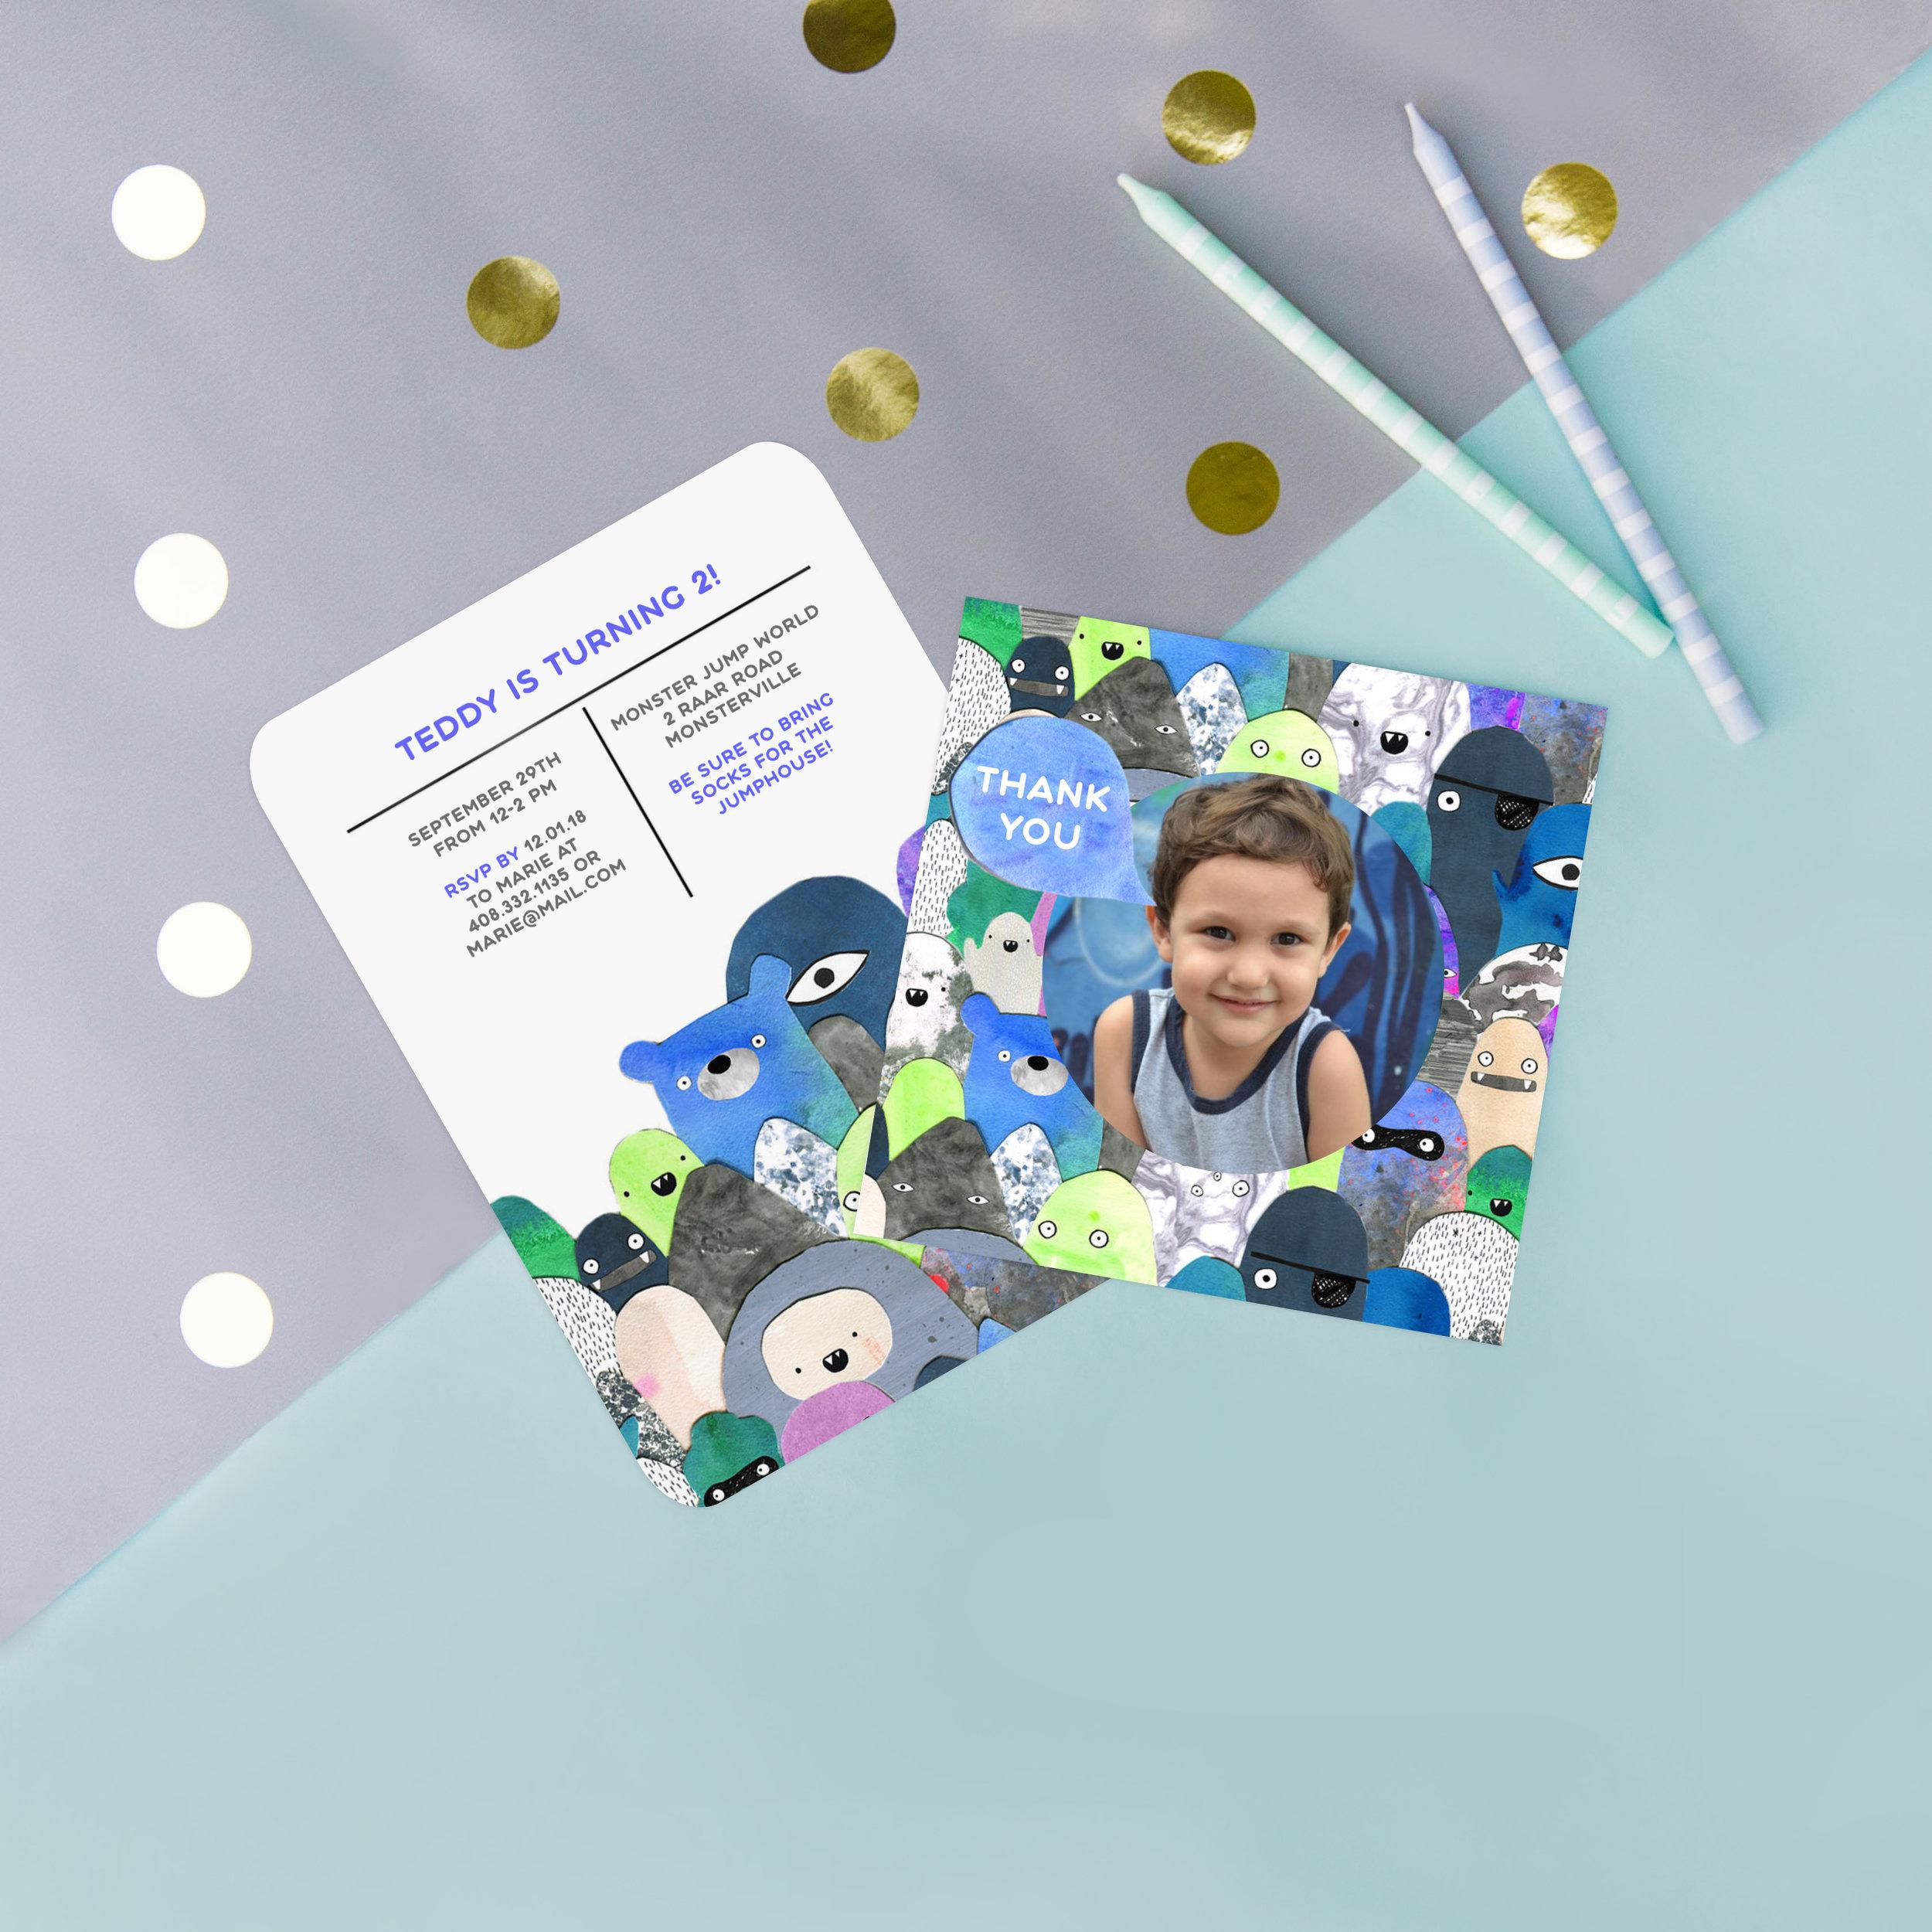 laura-blythman-mixbook-invitations-2.jpg